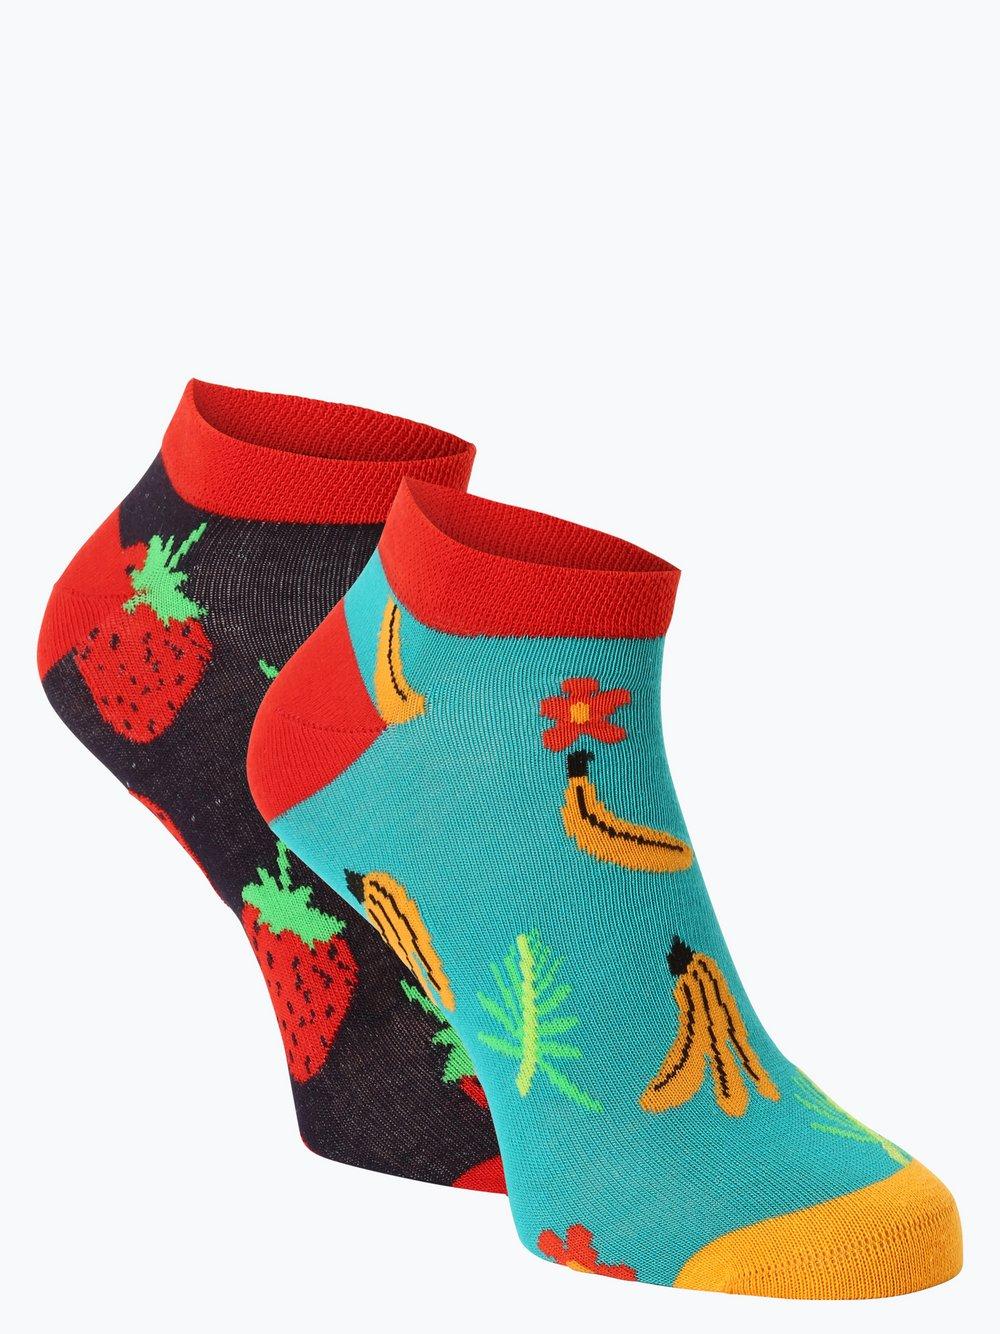 Unabux – Skarpety damskie pakowane po 2 szt., niebieski Van Graaf 446494-0001-04146